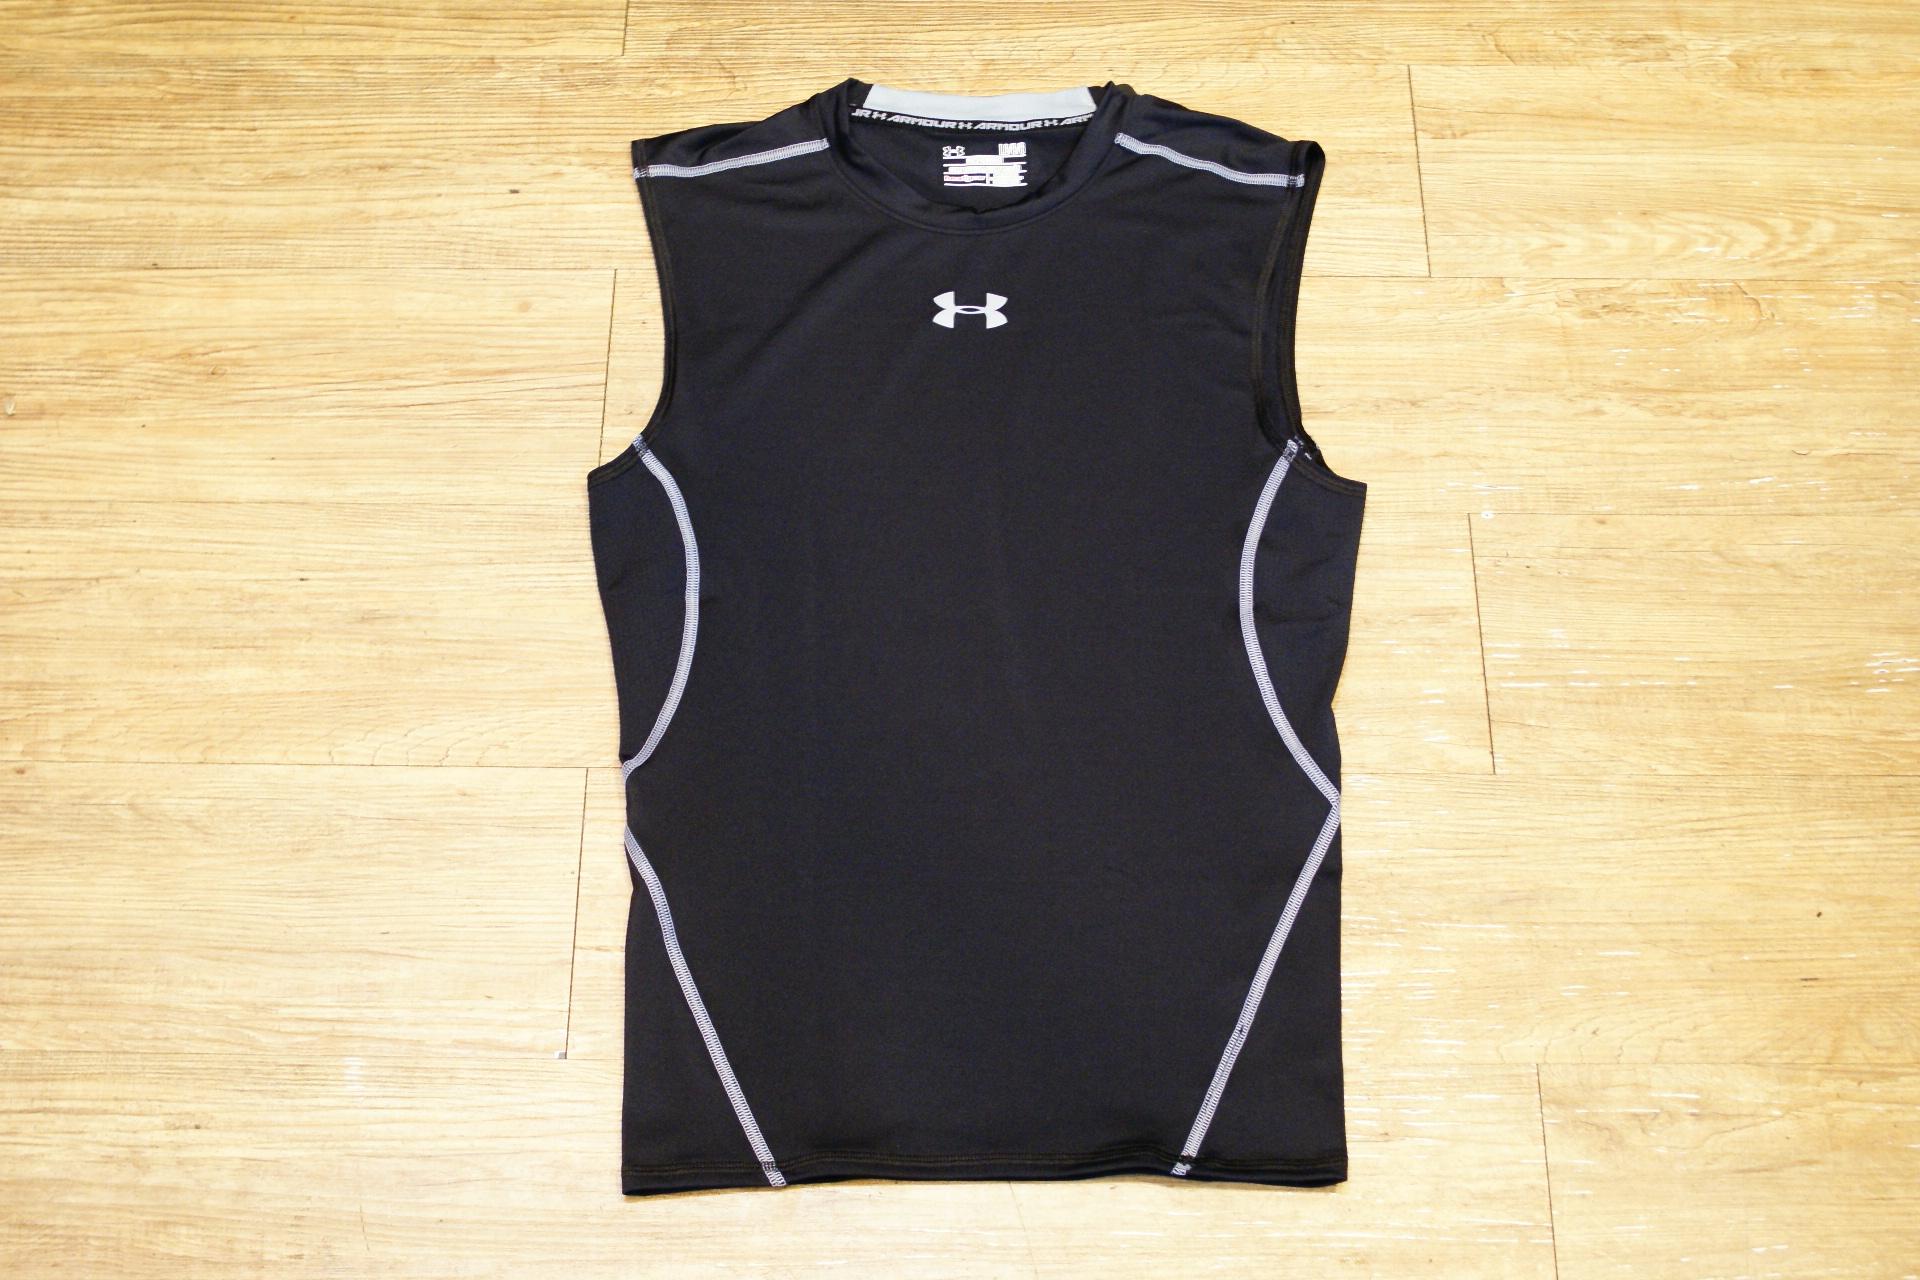 棒球世界 全新UNDER ARMOUR HG Sonic UA無袖運動緊身衣 特價 黑色